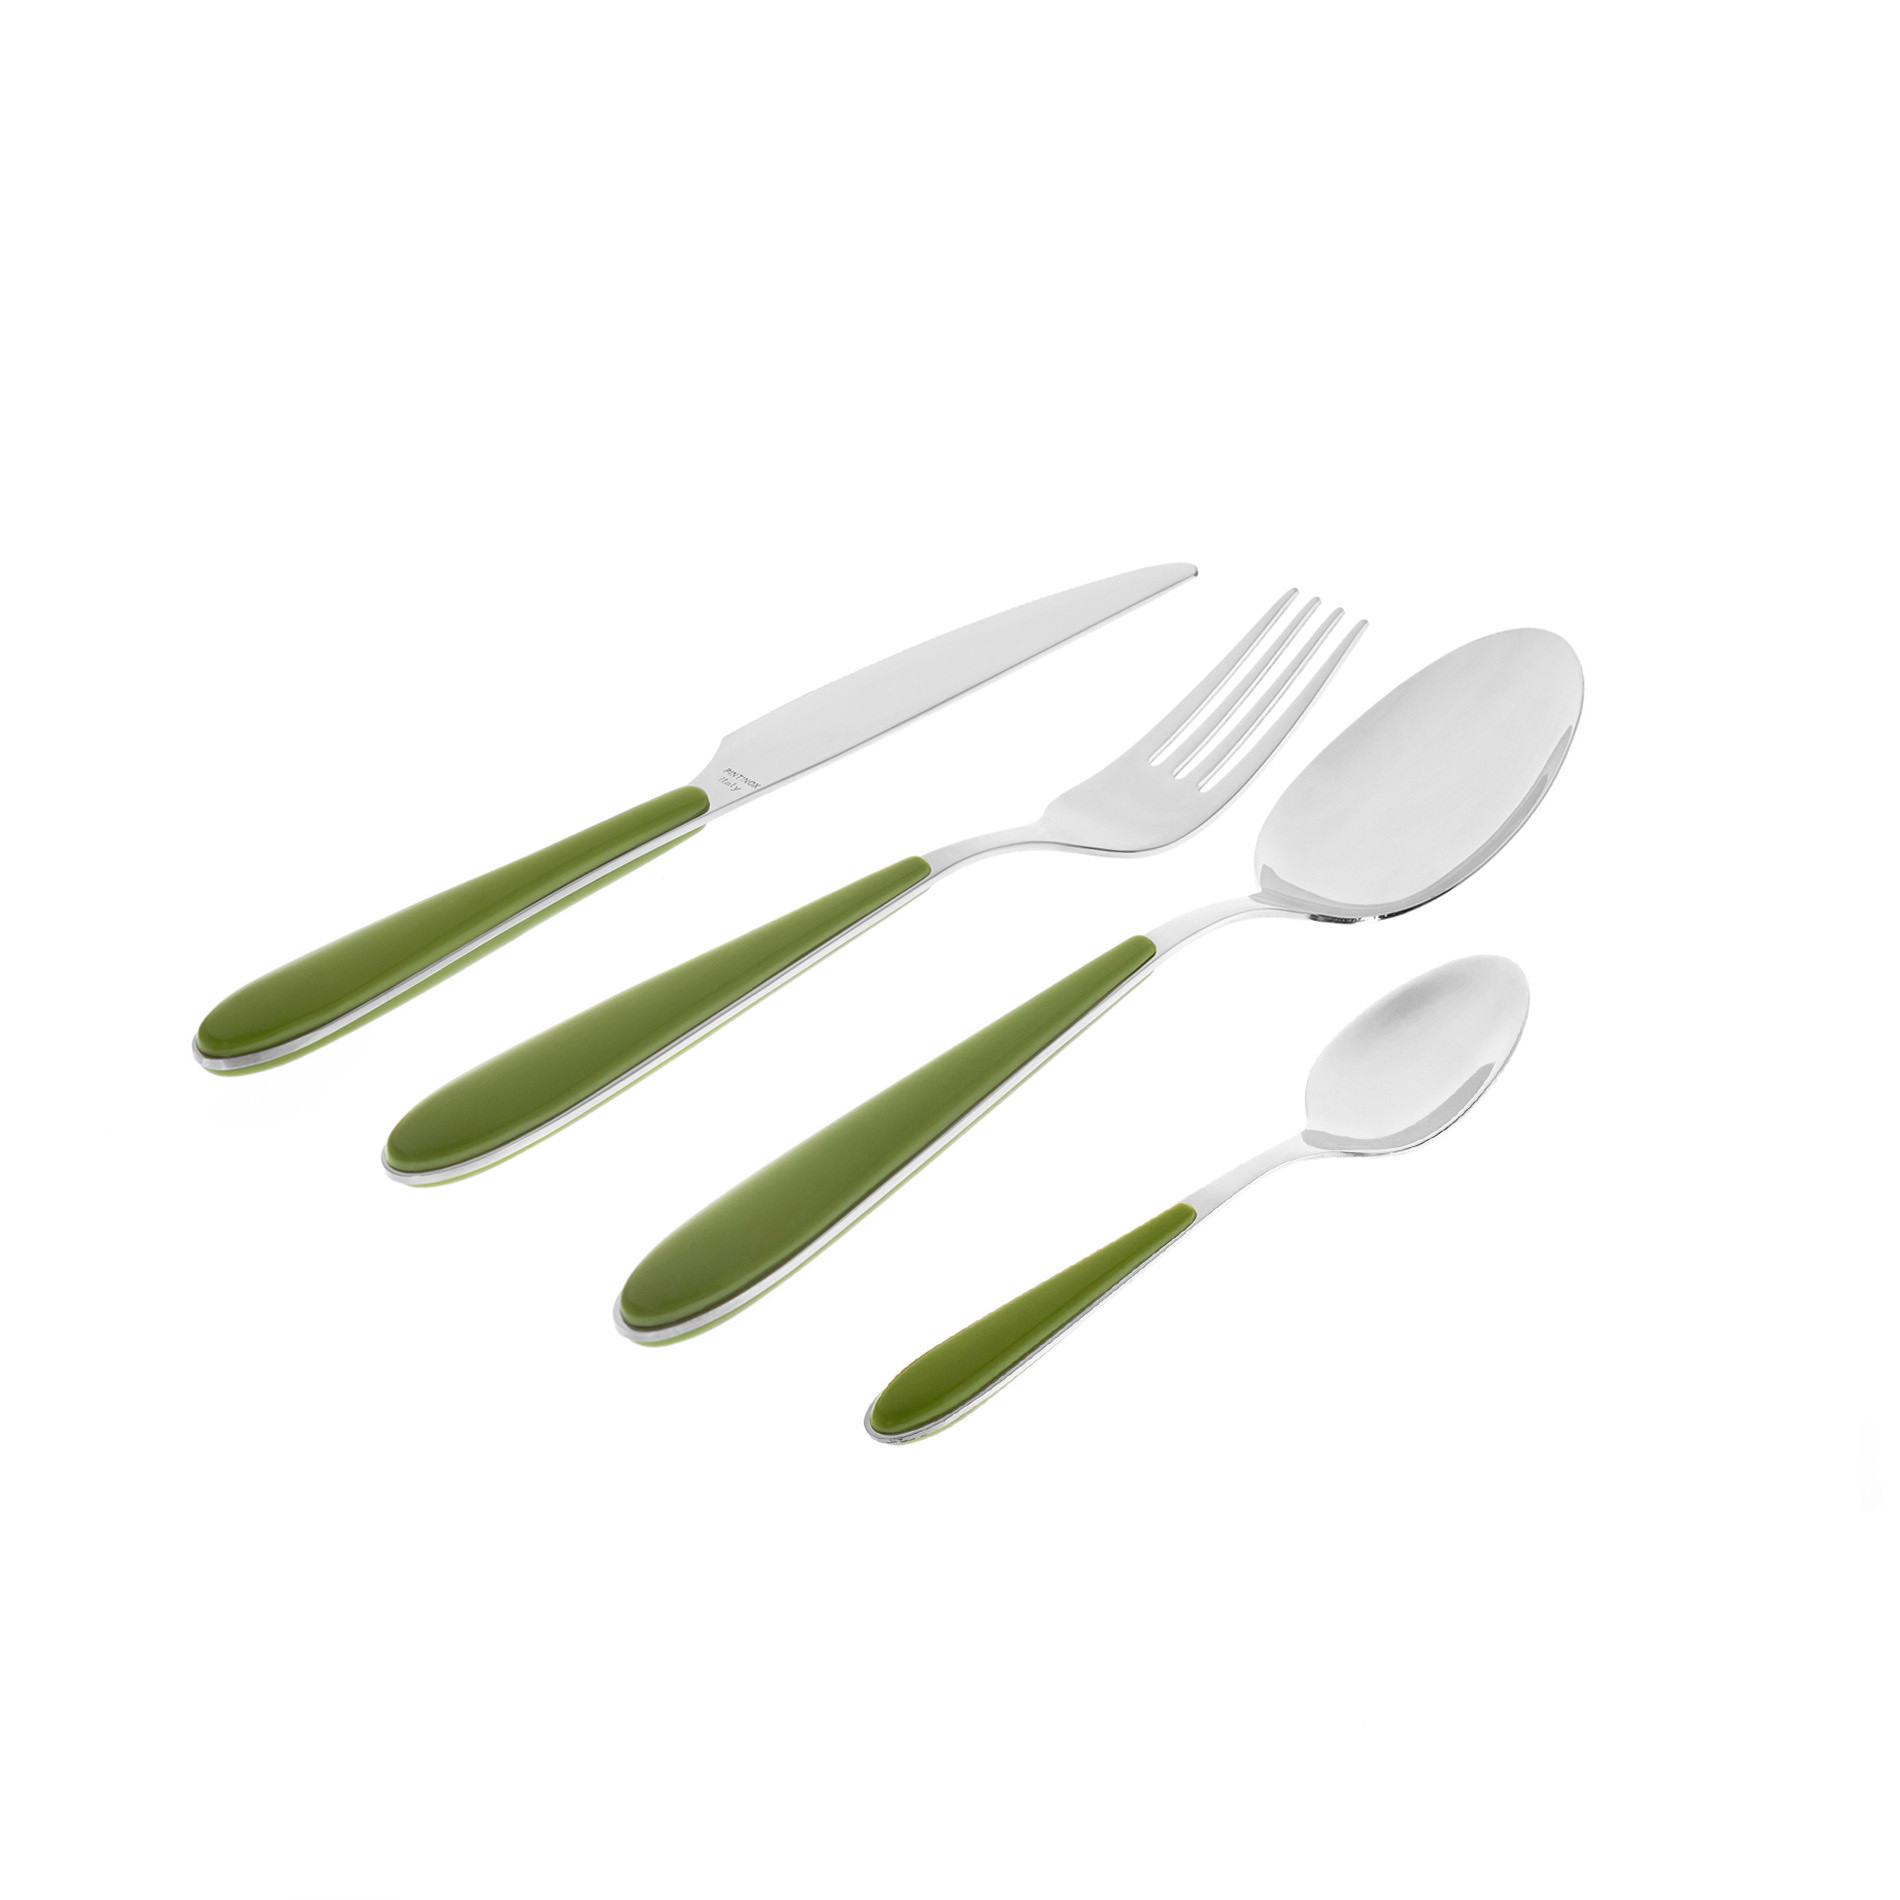 Coltello acciaio inox e plastica, Verde, large image number 1